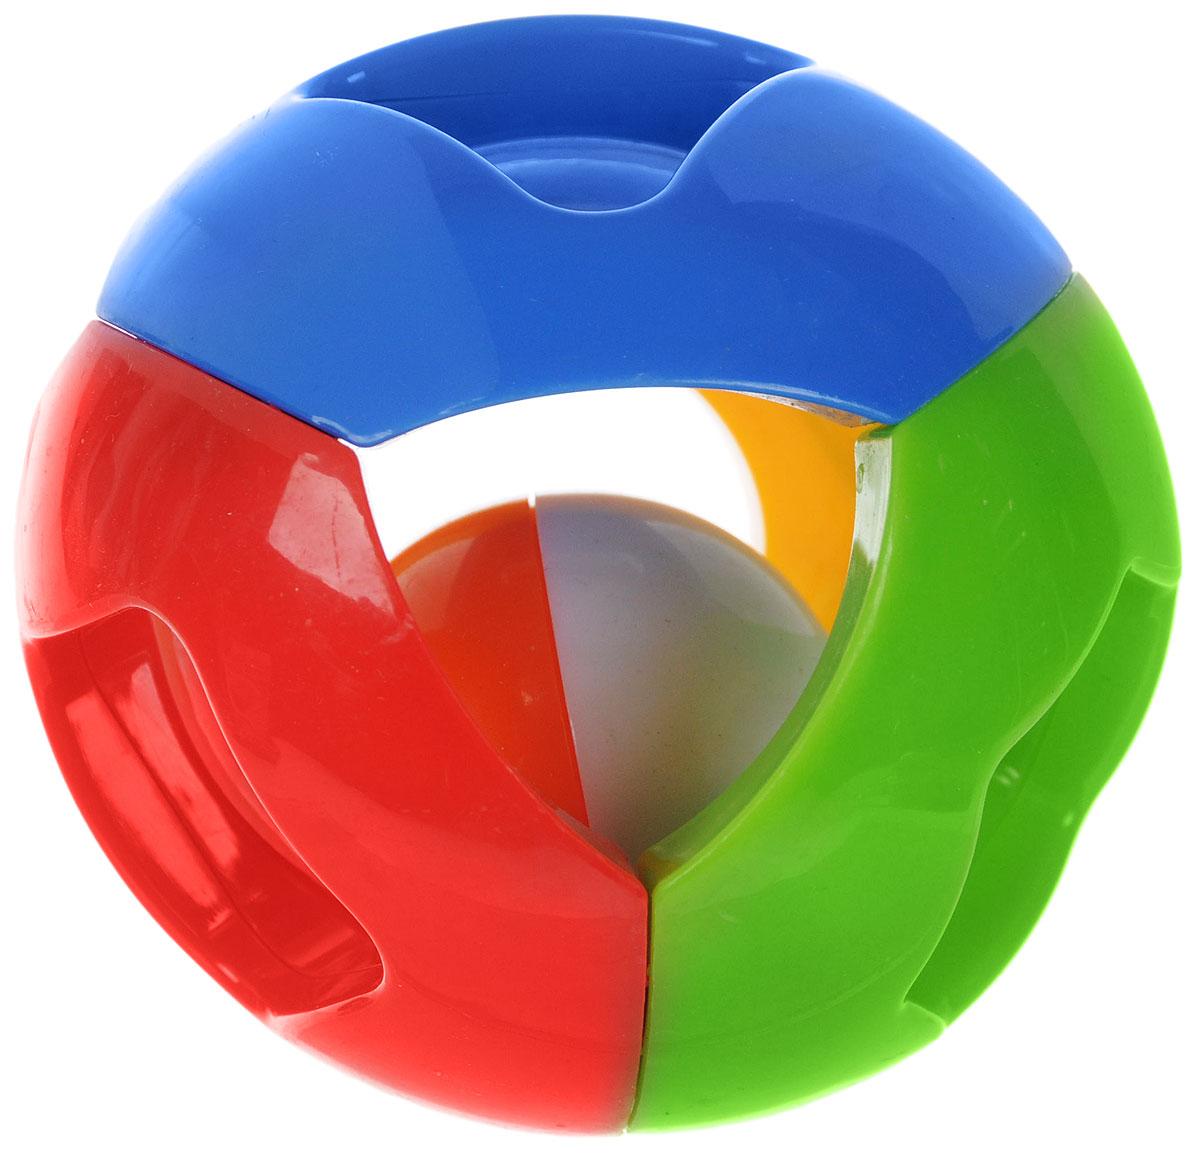 Малышарики Погремушка Чудо-шар цвет красный зеленый синийMSH0302-002_красный, зеленый, синийПогремушка Малышарики Чудо-шар выполнена в ярком дизайне и из безопасных материалов. С первых месяцев жизни малыш начинает интересоваться яркими, подвижными предметами. Погремушка Чудо-шар - яркая, звонкая, первая игрушка малыша. Она не только дарит ребенку радость, н и помогает ему знакомиться с окружающим миром. Игрушка развивает мелкую моторику, слуховое восприятие и концентрацию внимания.